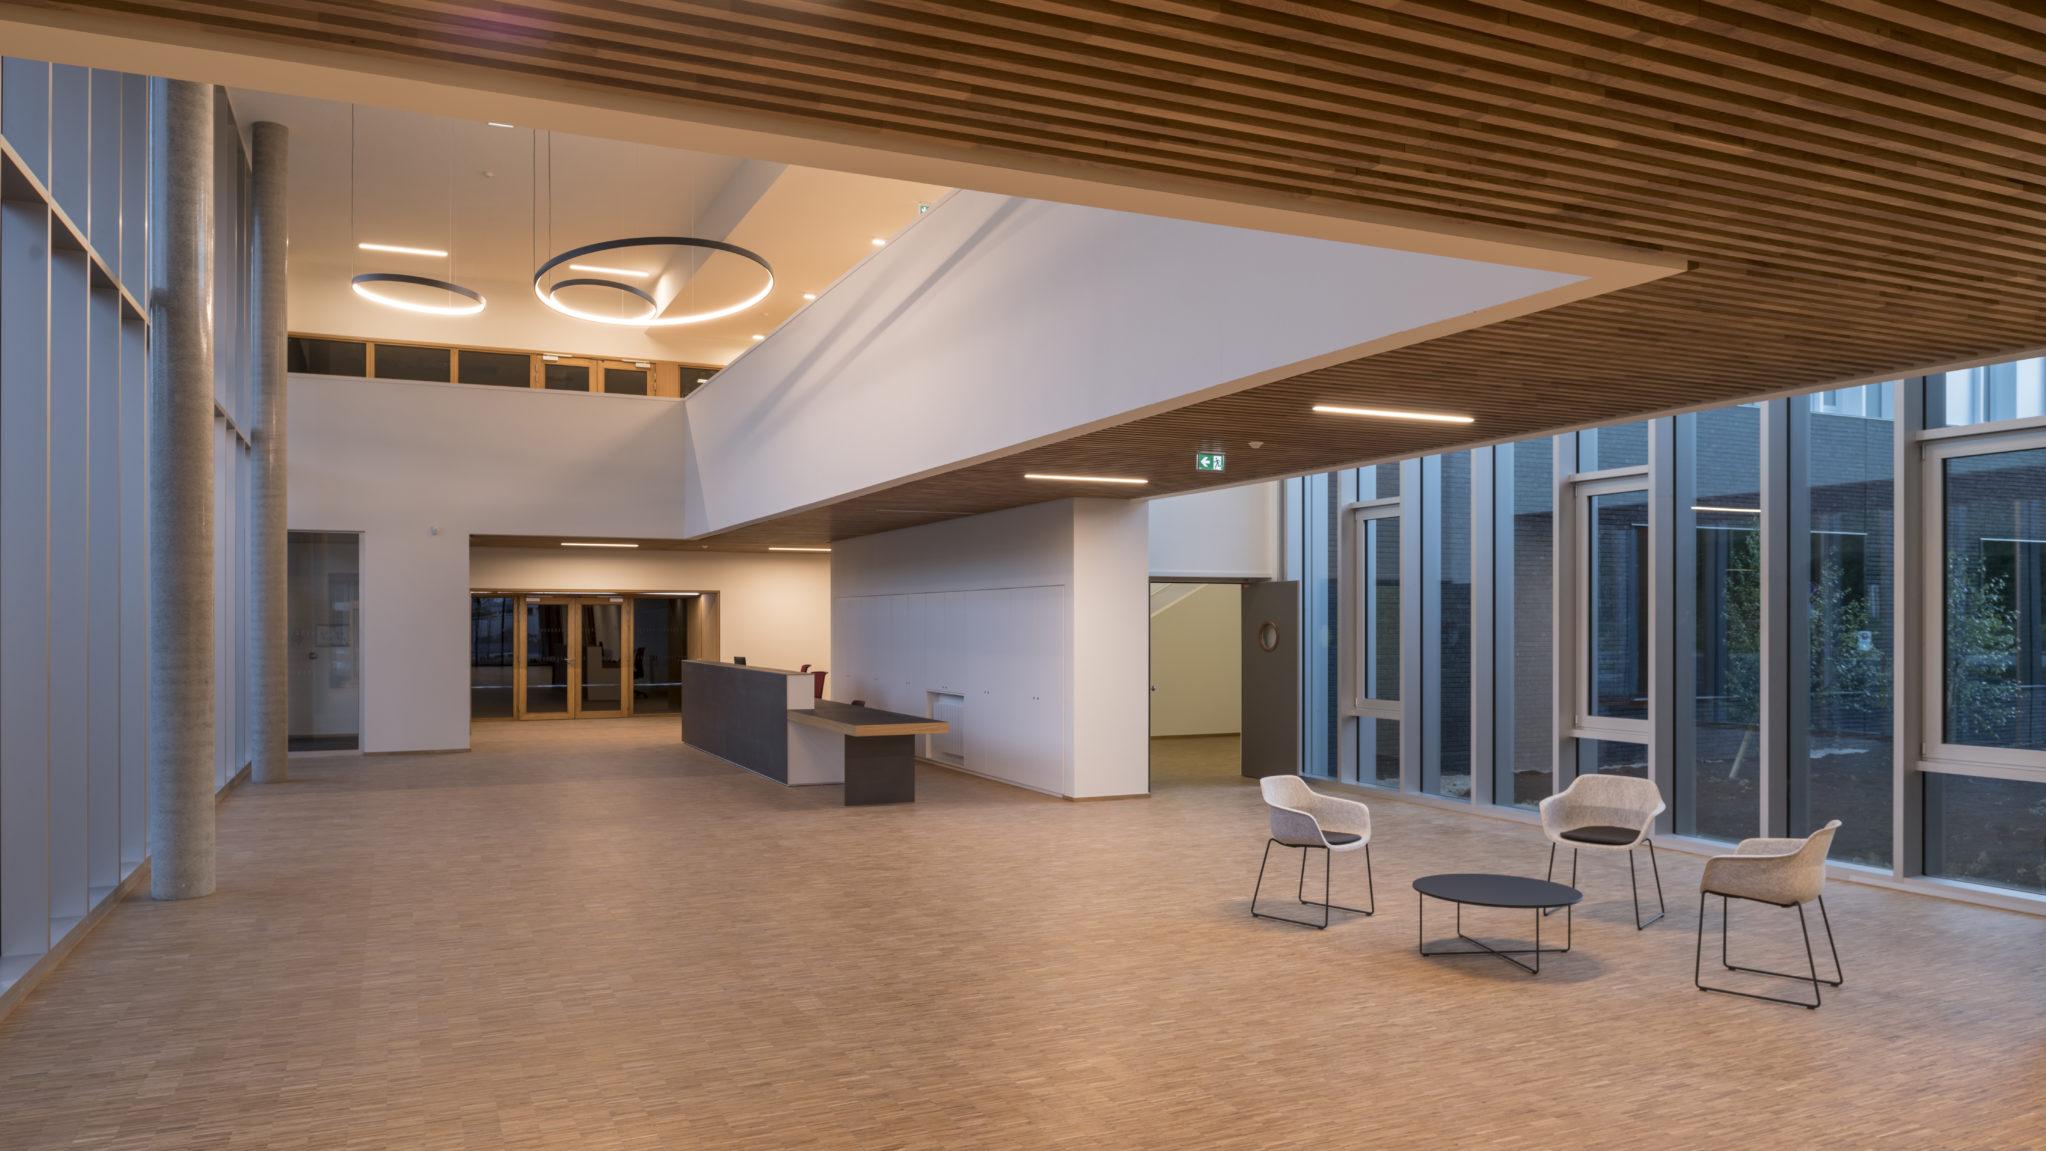 2023 • pôle d'excellence hôtelier • illkirch-graffenstaden [67]